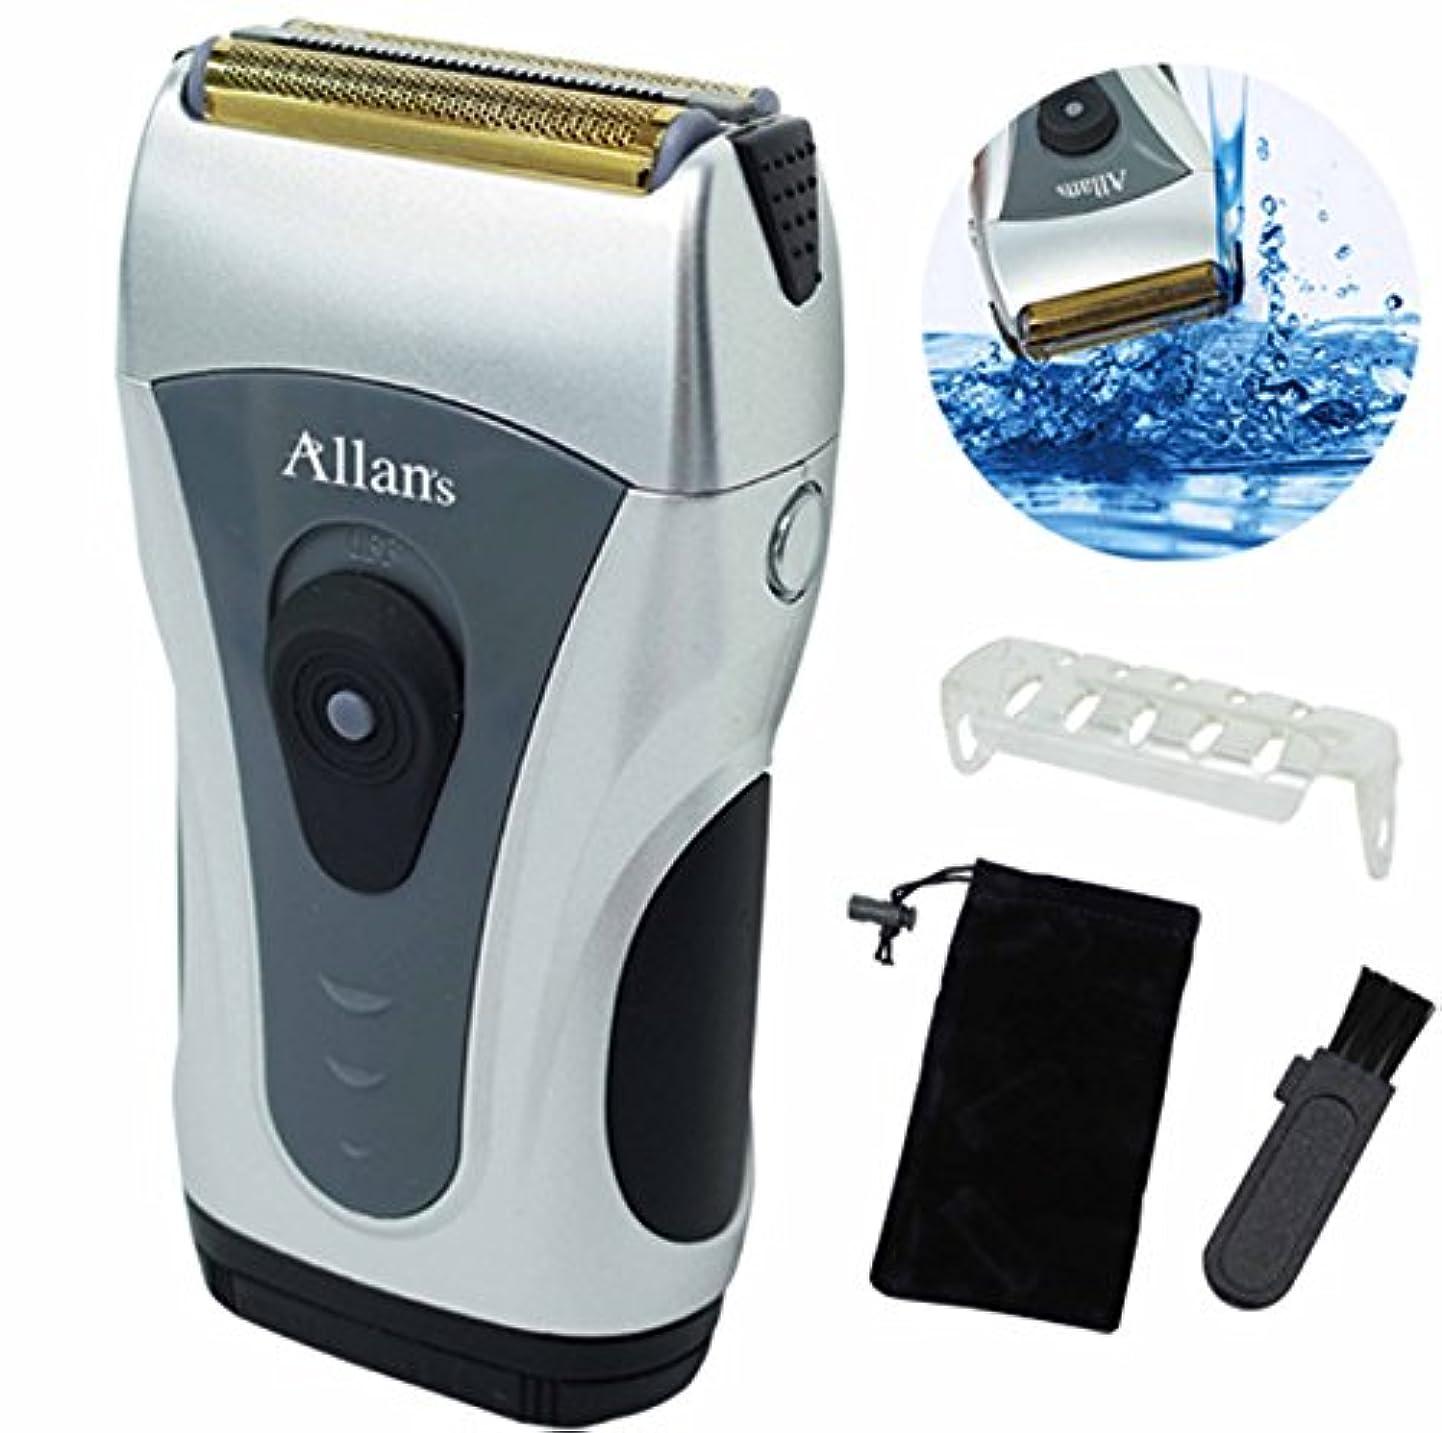 よろめくジョブ持続的Allans 携帯 電池 式 電動 髭剃り 水洗い ウォッシャブル メンズ シェーバー コンパクト MEBM-29